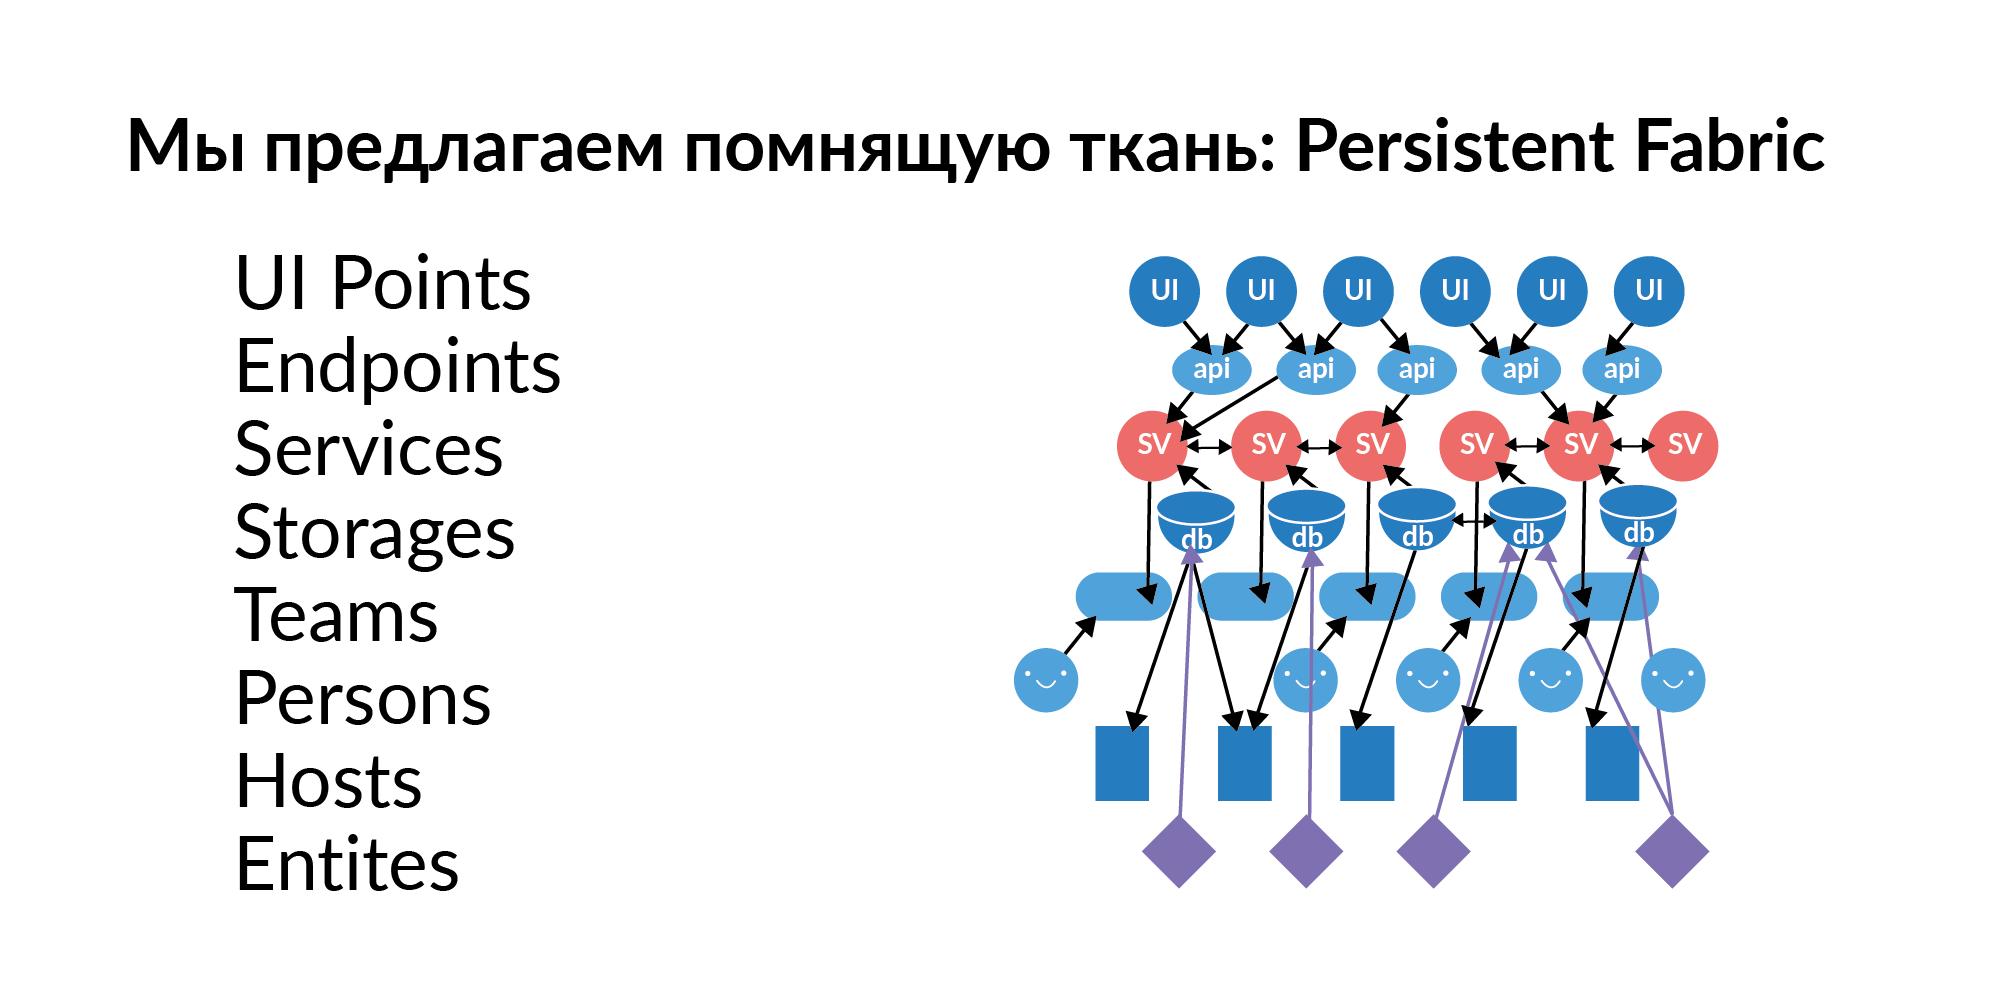 Концепция персистентной ткани для контроля IT-инфраструктуры - 8